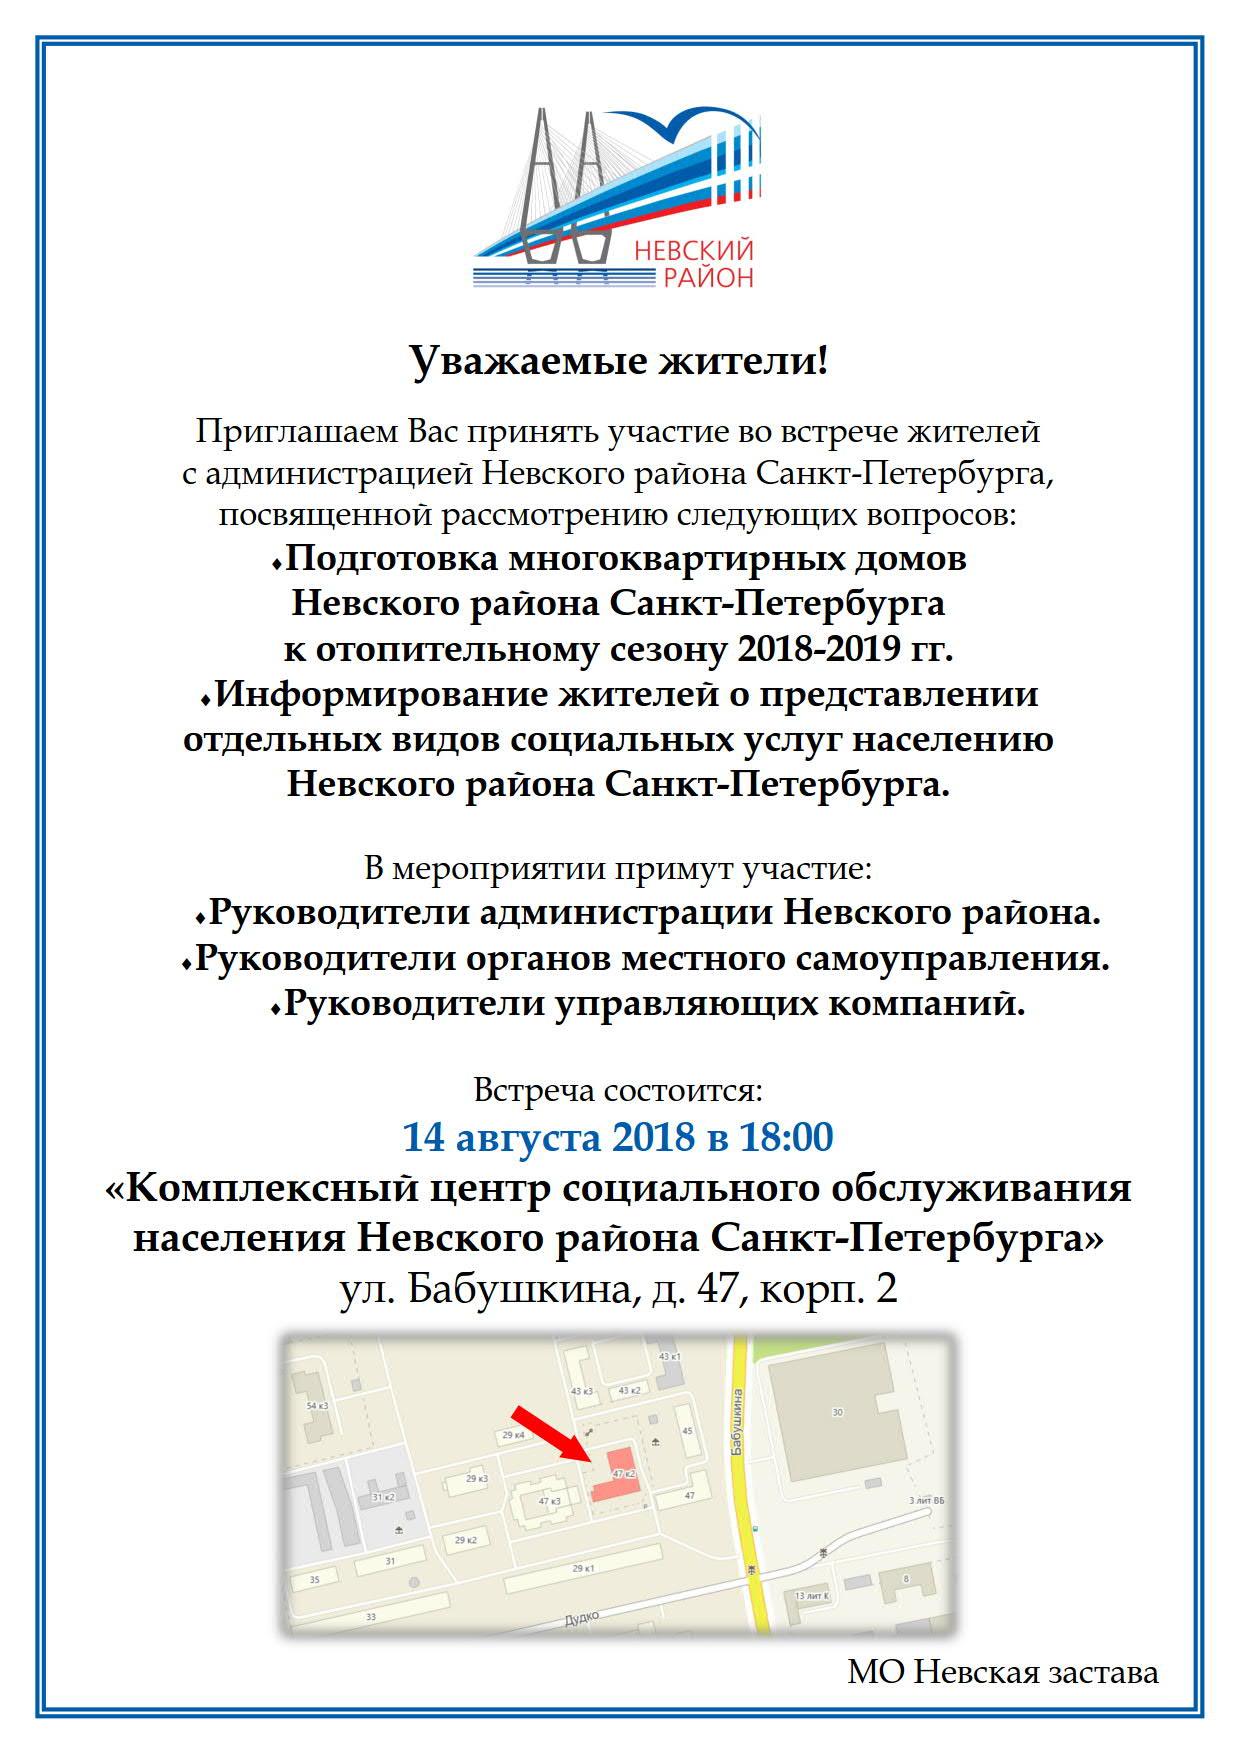 49 Невская застава_1